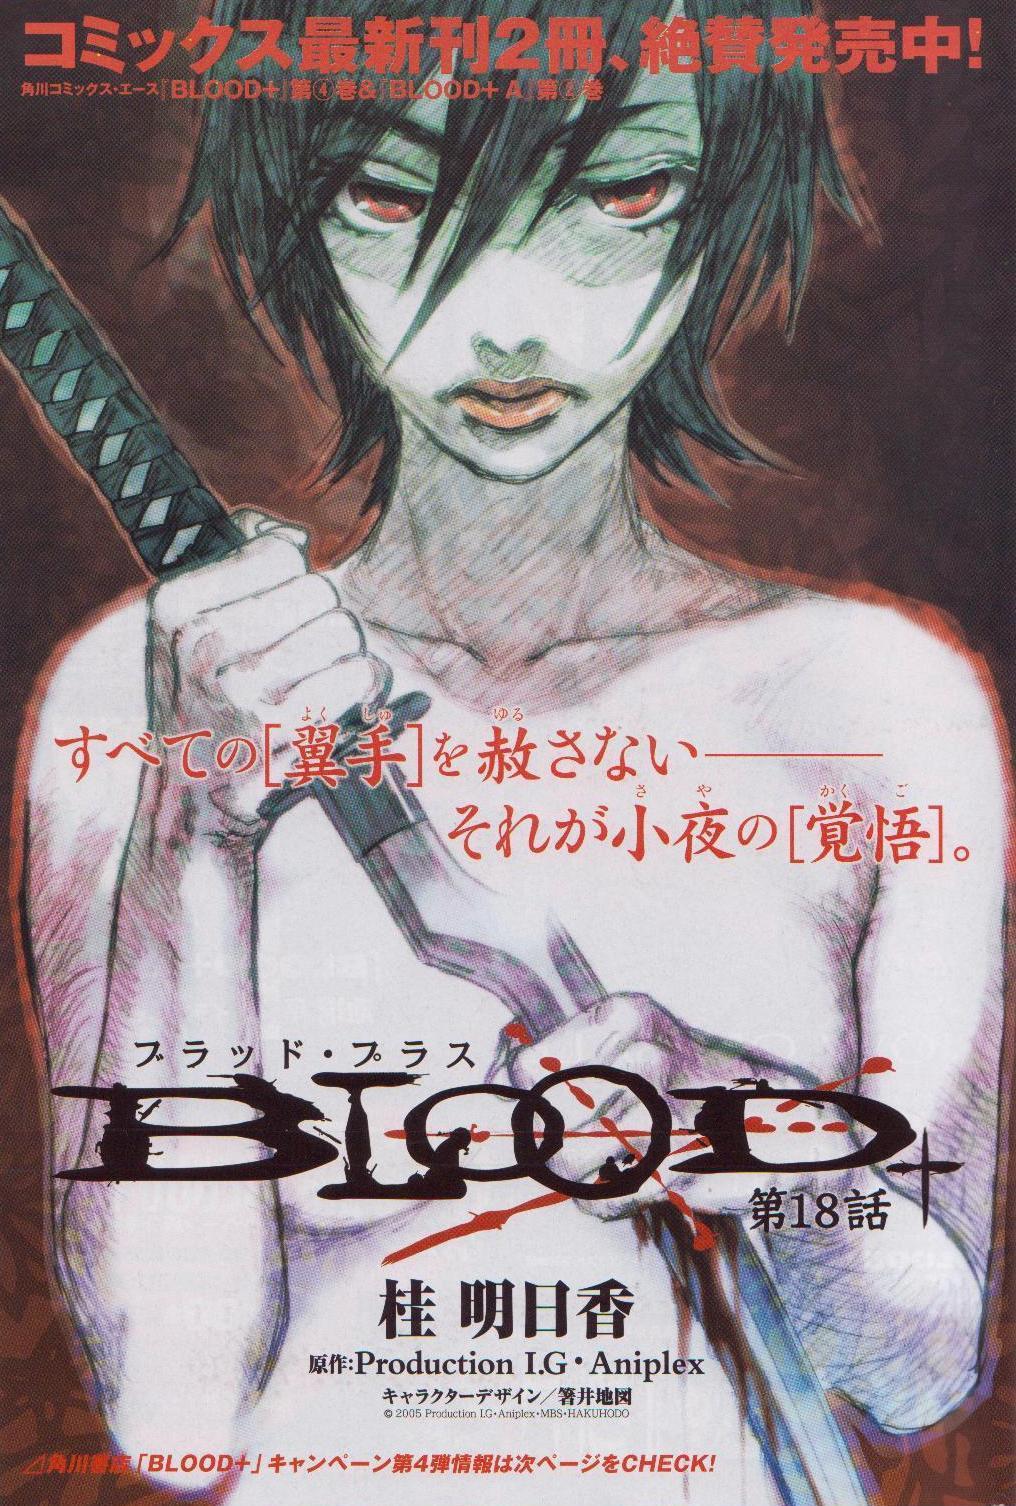 BLOOD+描き下ろしエース2月号.JPG